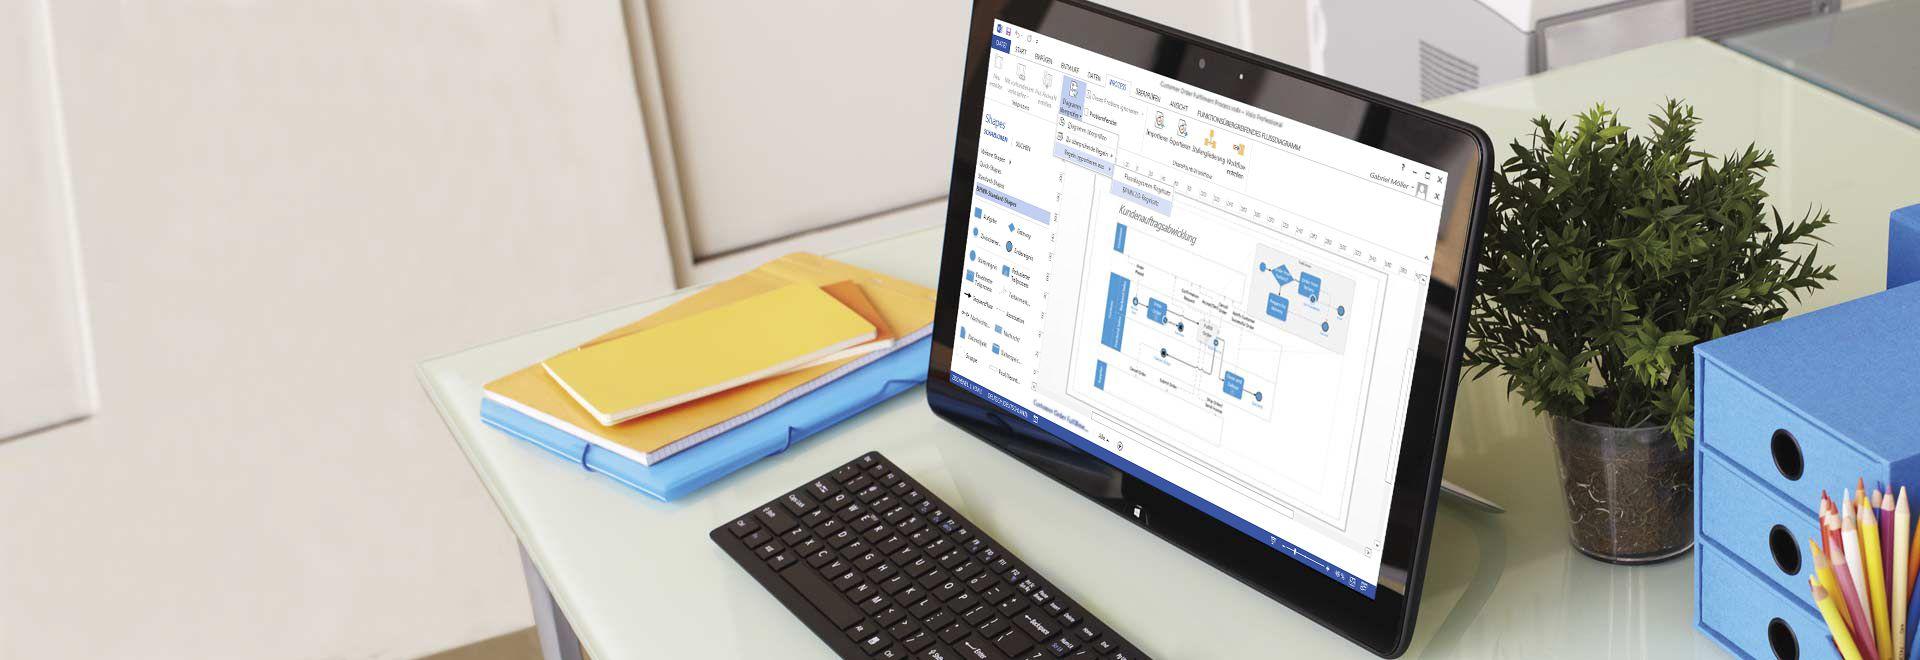 Ein Tabletcomputer auf einem Schreibtisch mit einem Ablaufdiagramm in Visio Professional 2016